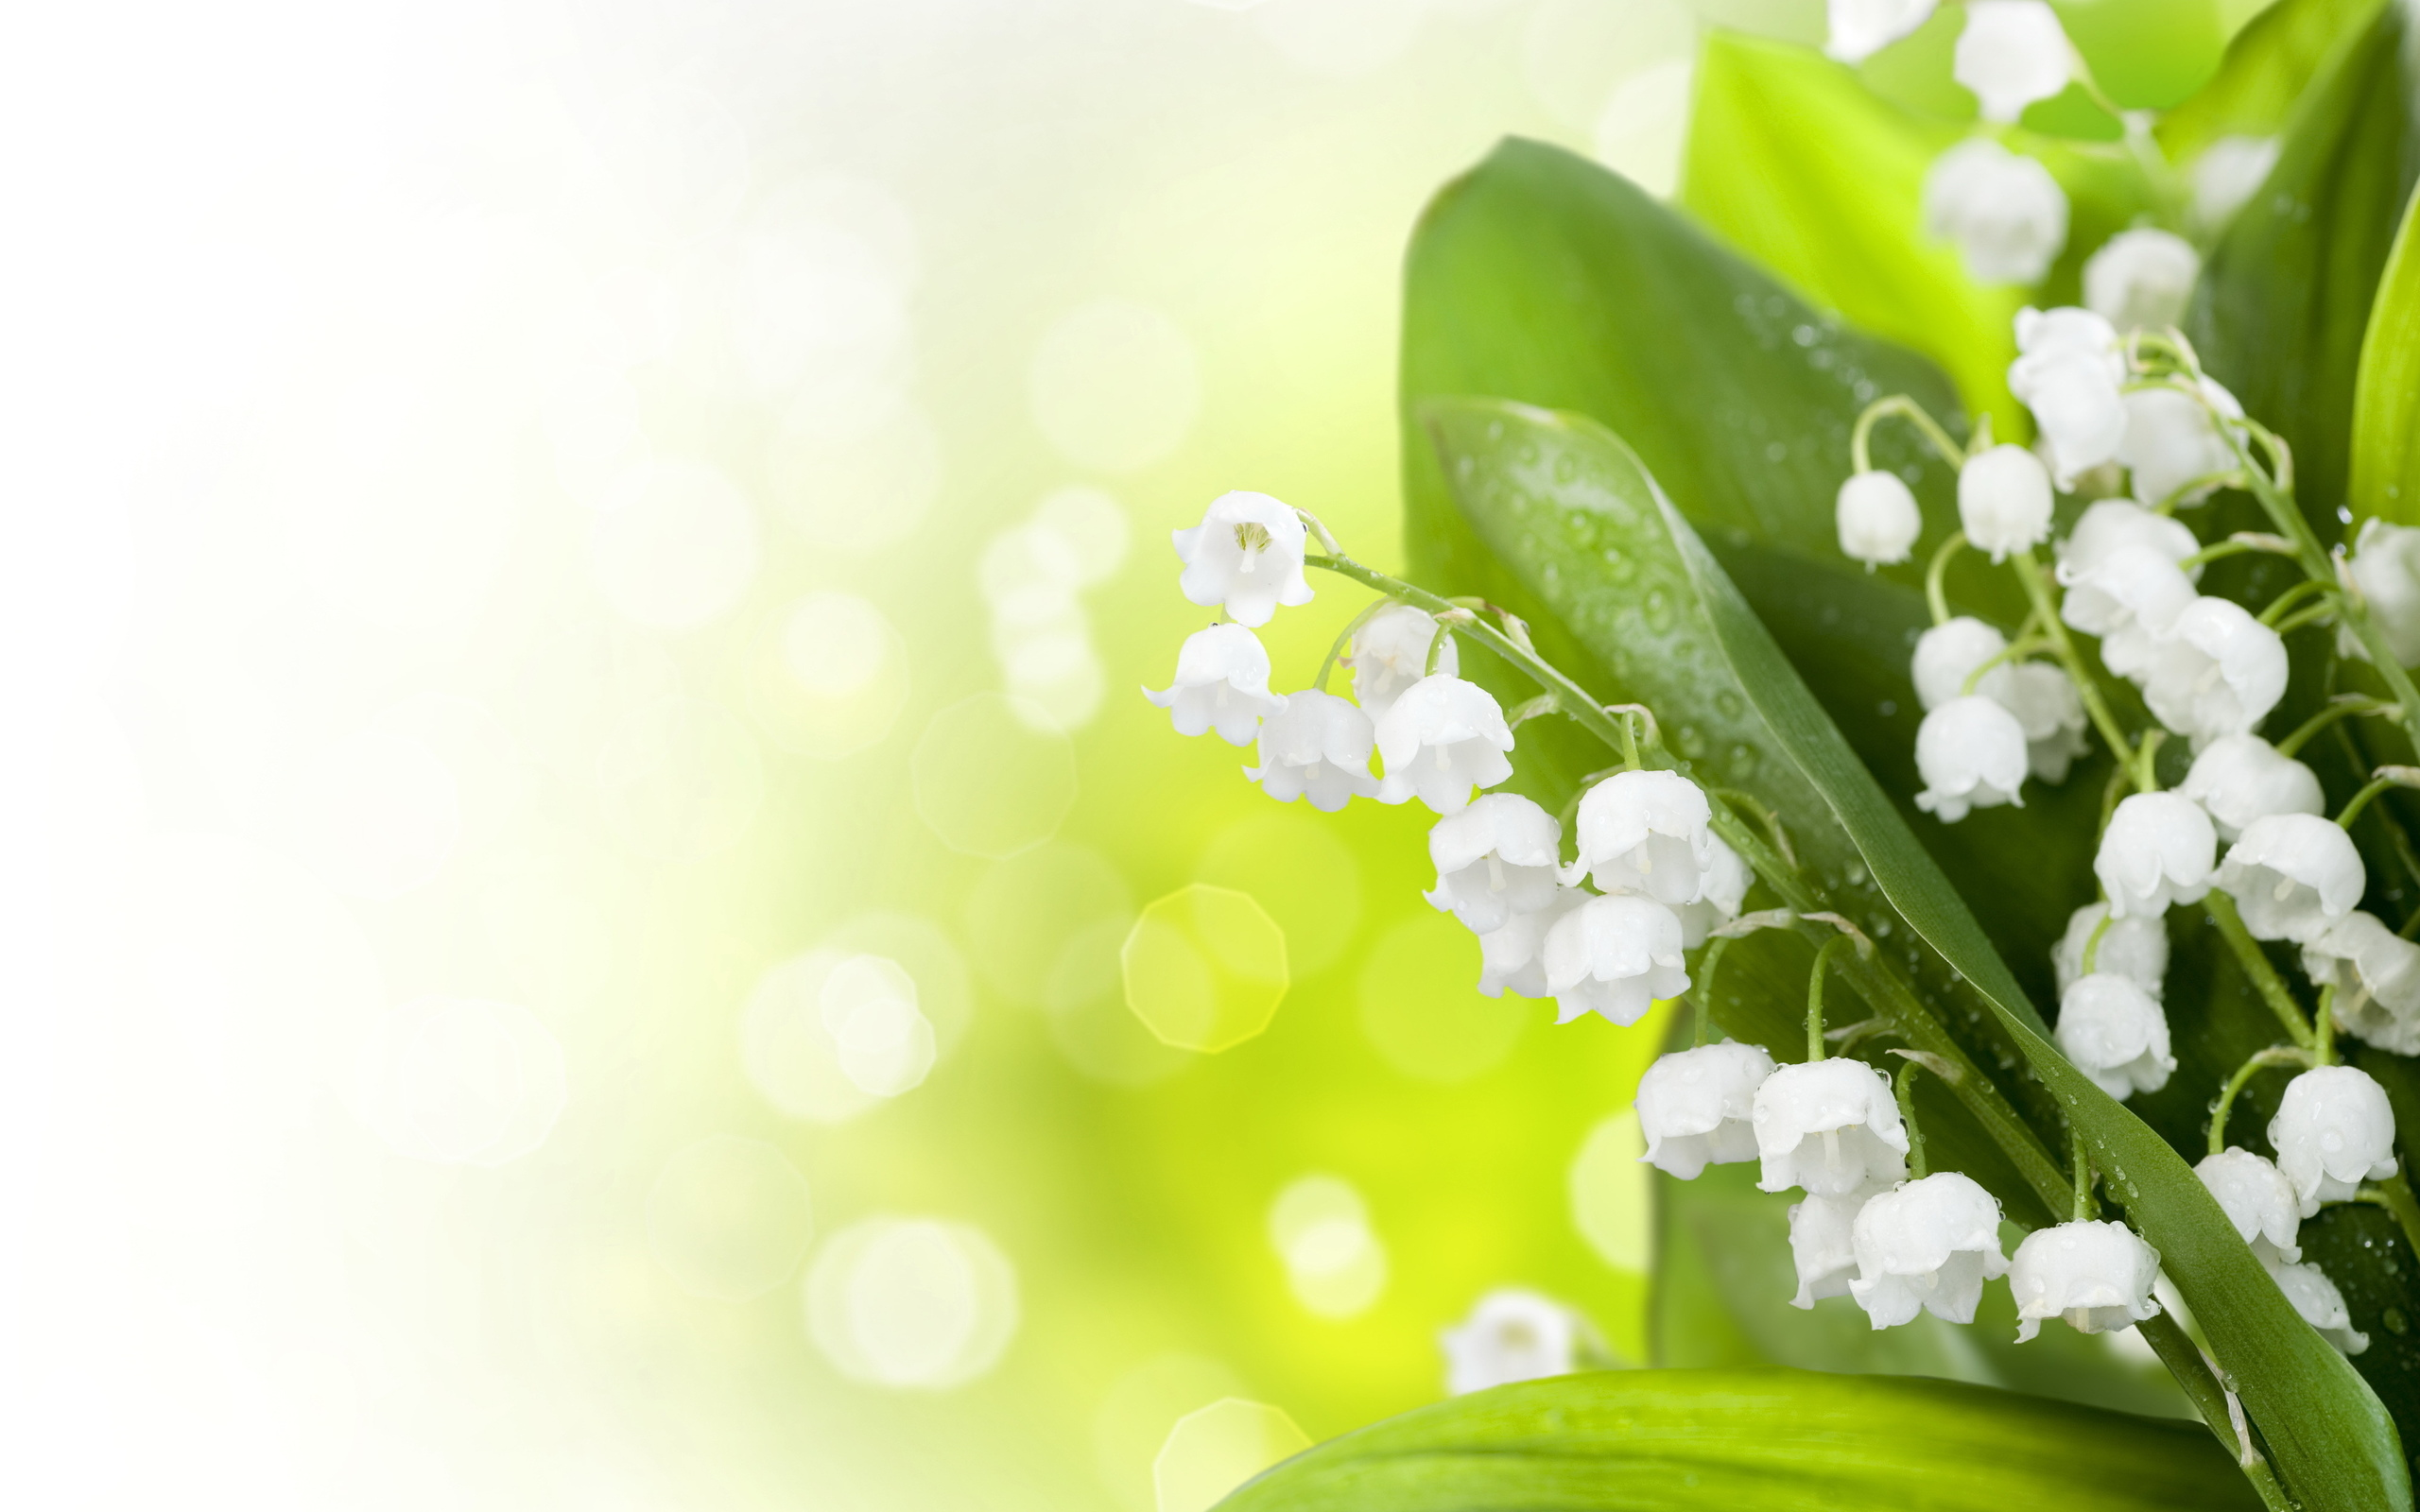 Ландыши белые цветы  № 3011650 загрузить